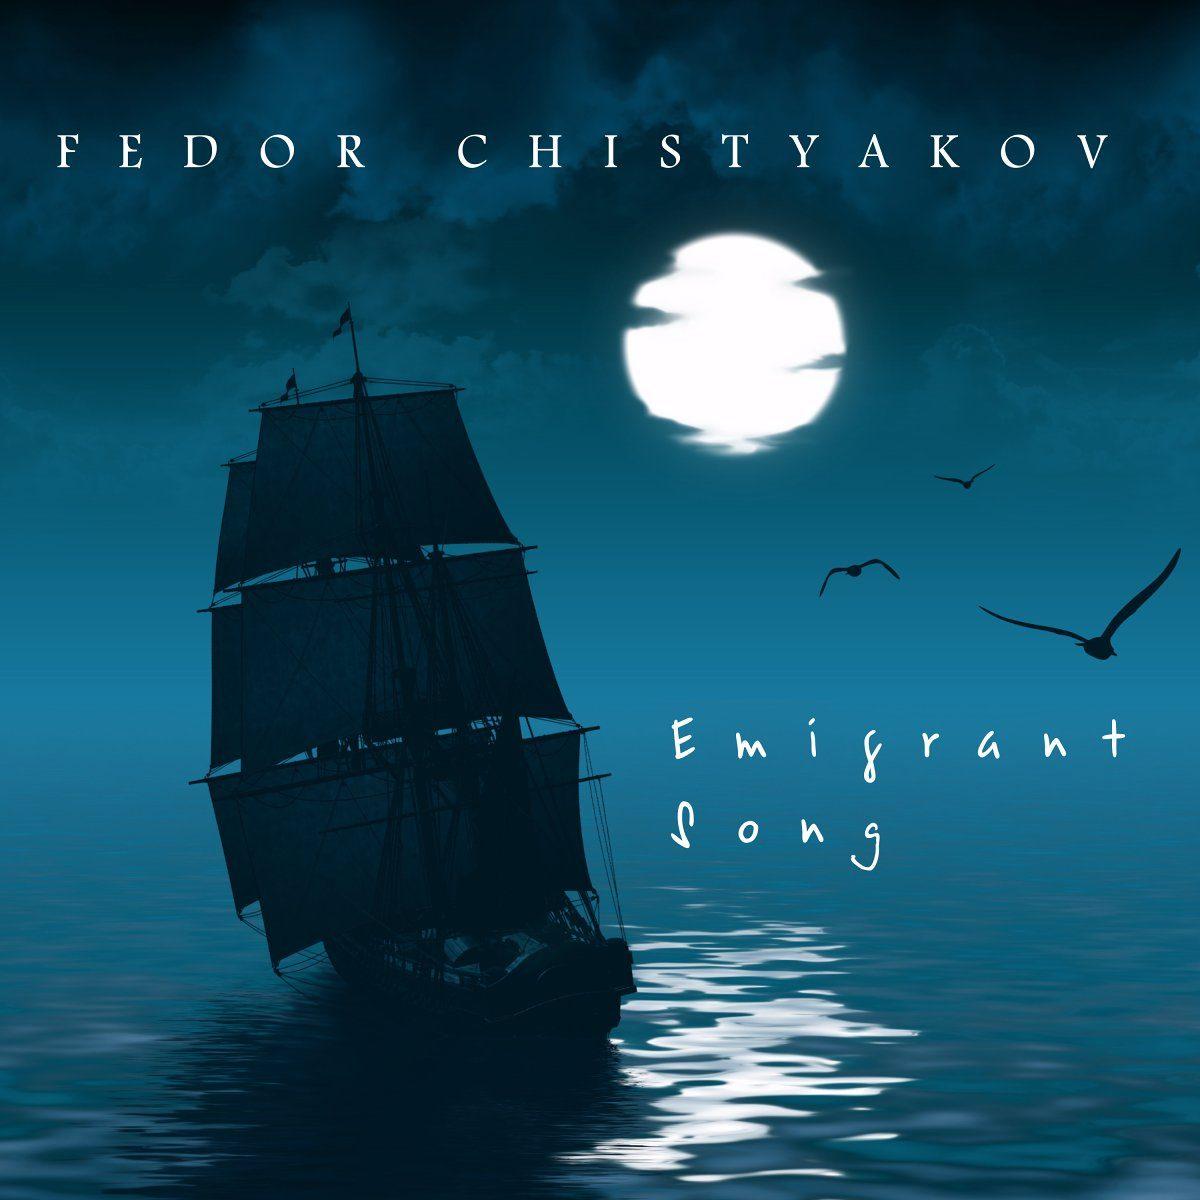 Фёдор Чистяков выпустит авторский сборник про эмиграцию